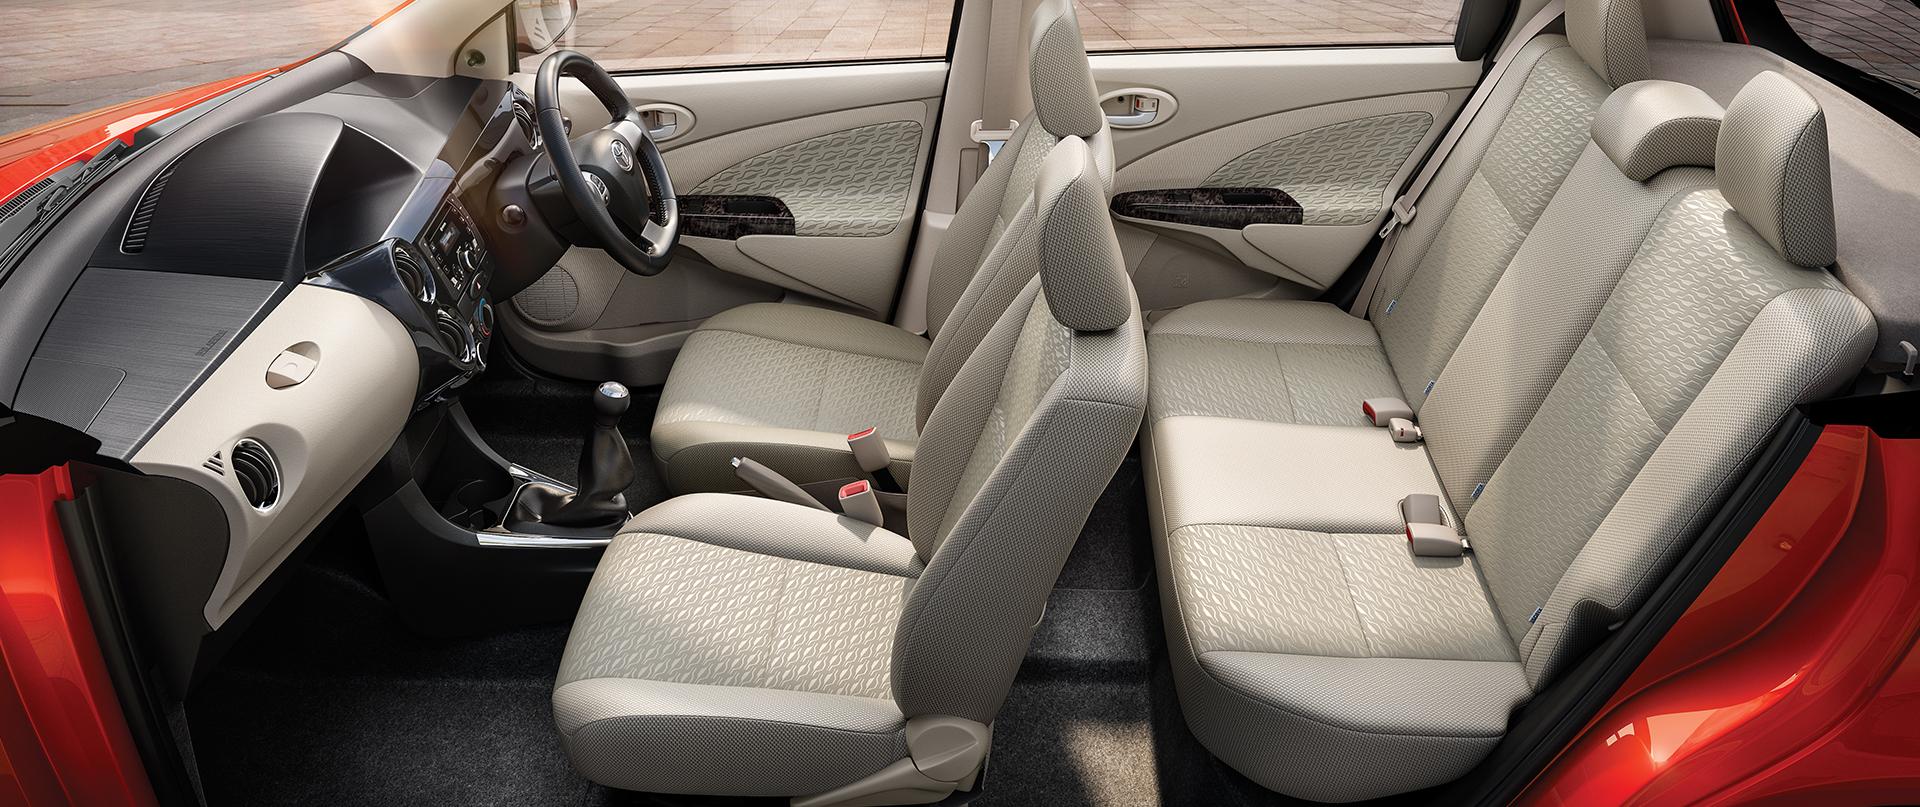 Toyota India Official Toyota Etios Liva Site Etios Liva